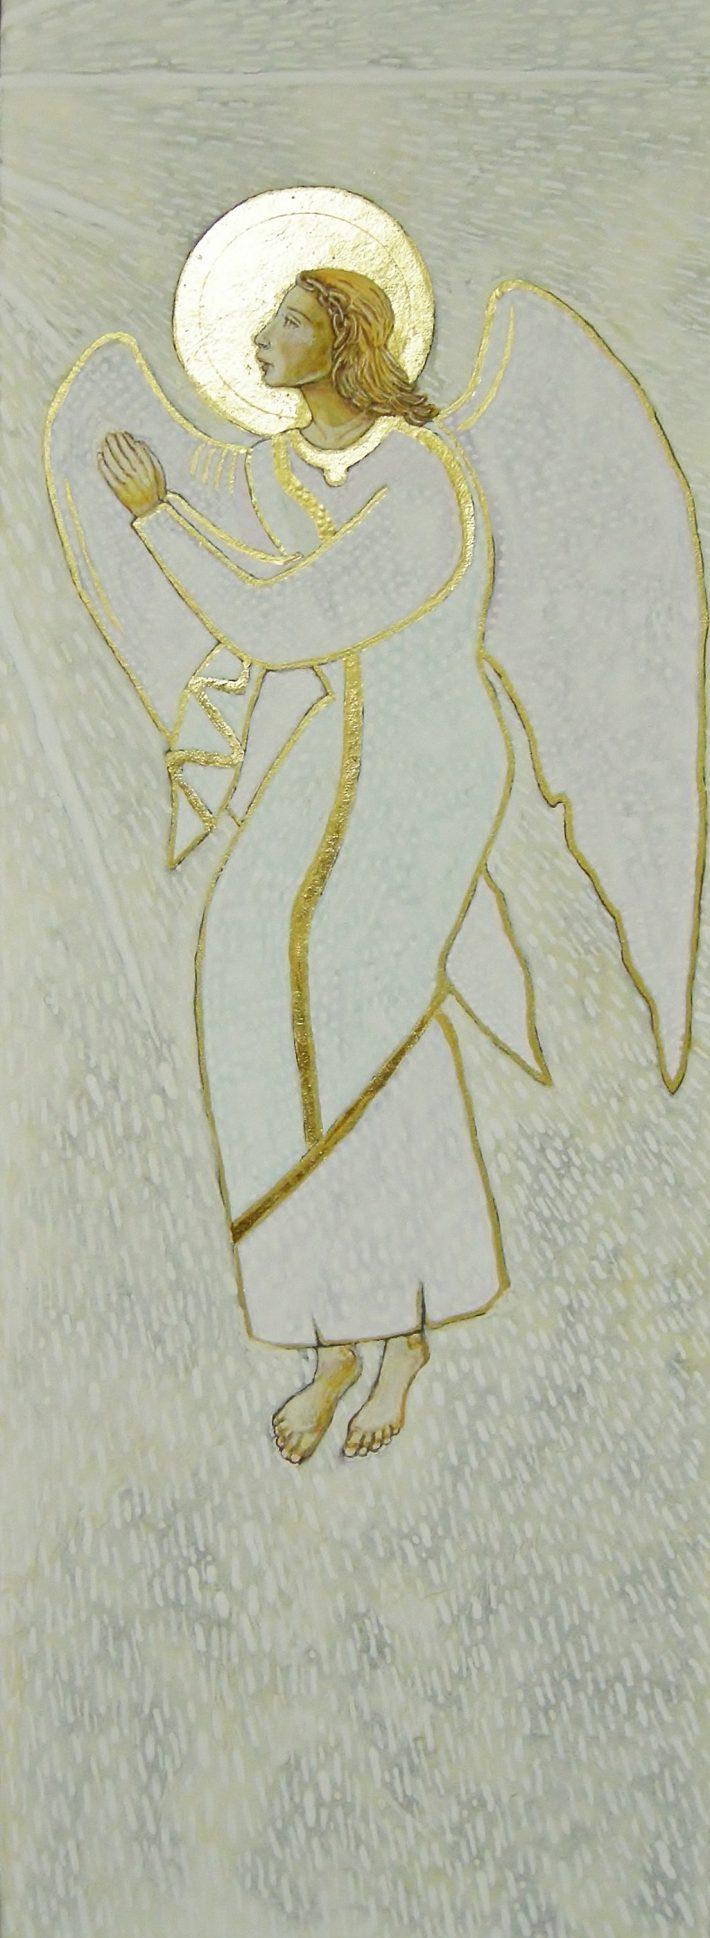 DSCN0172